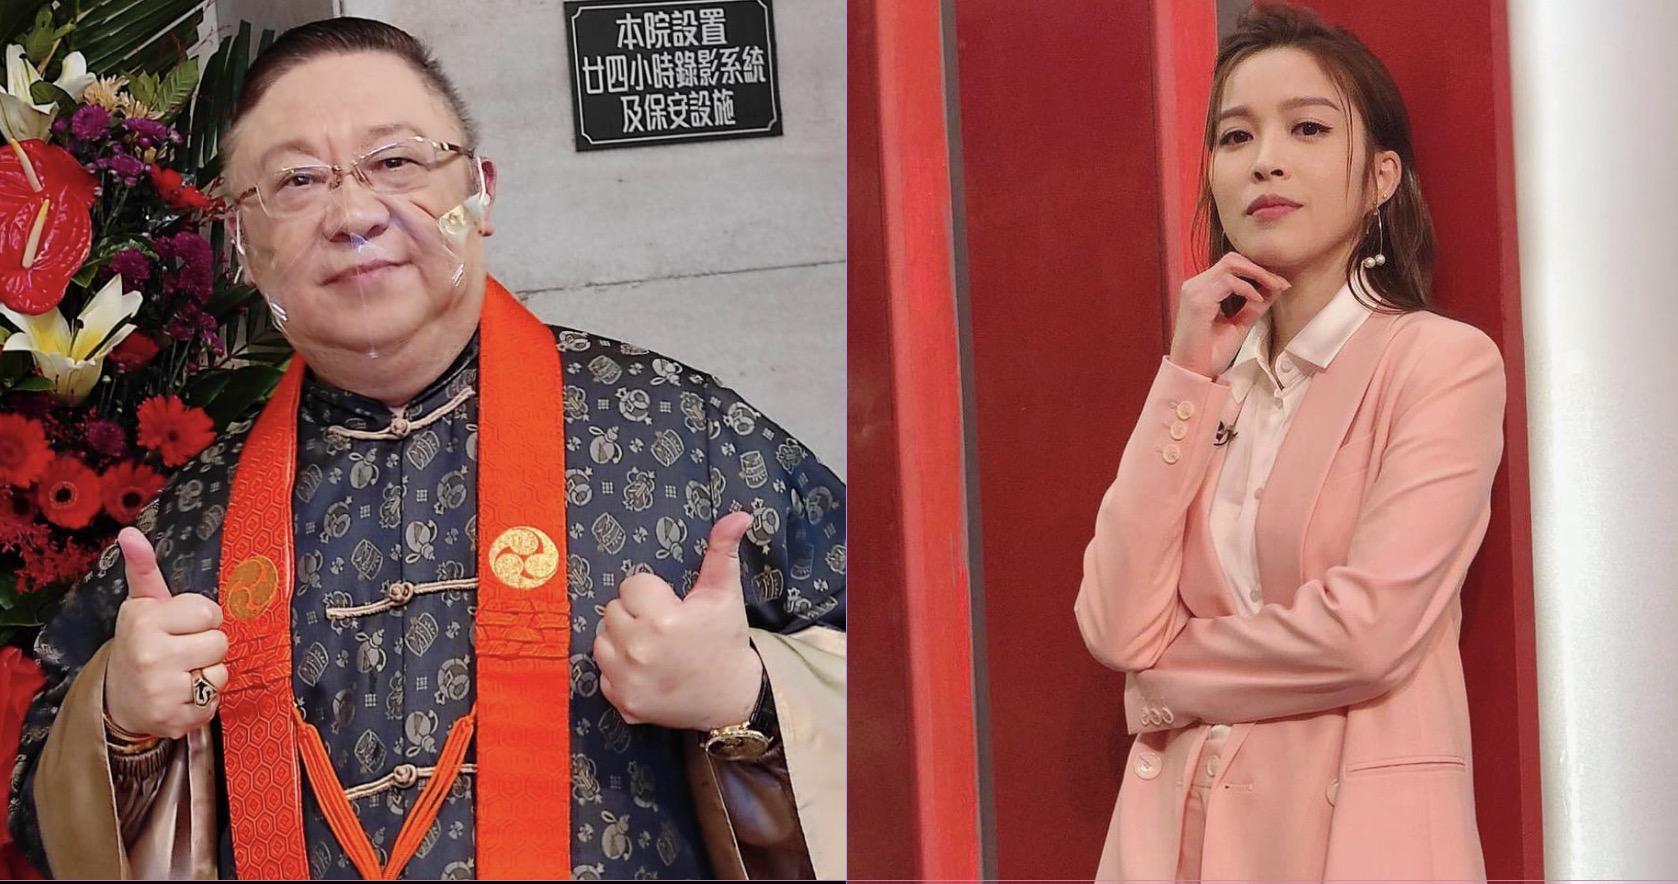 李居明新劇掀角色爭奪戰 女藝人爭相自薦扮演江青